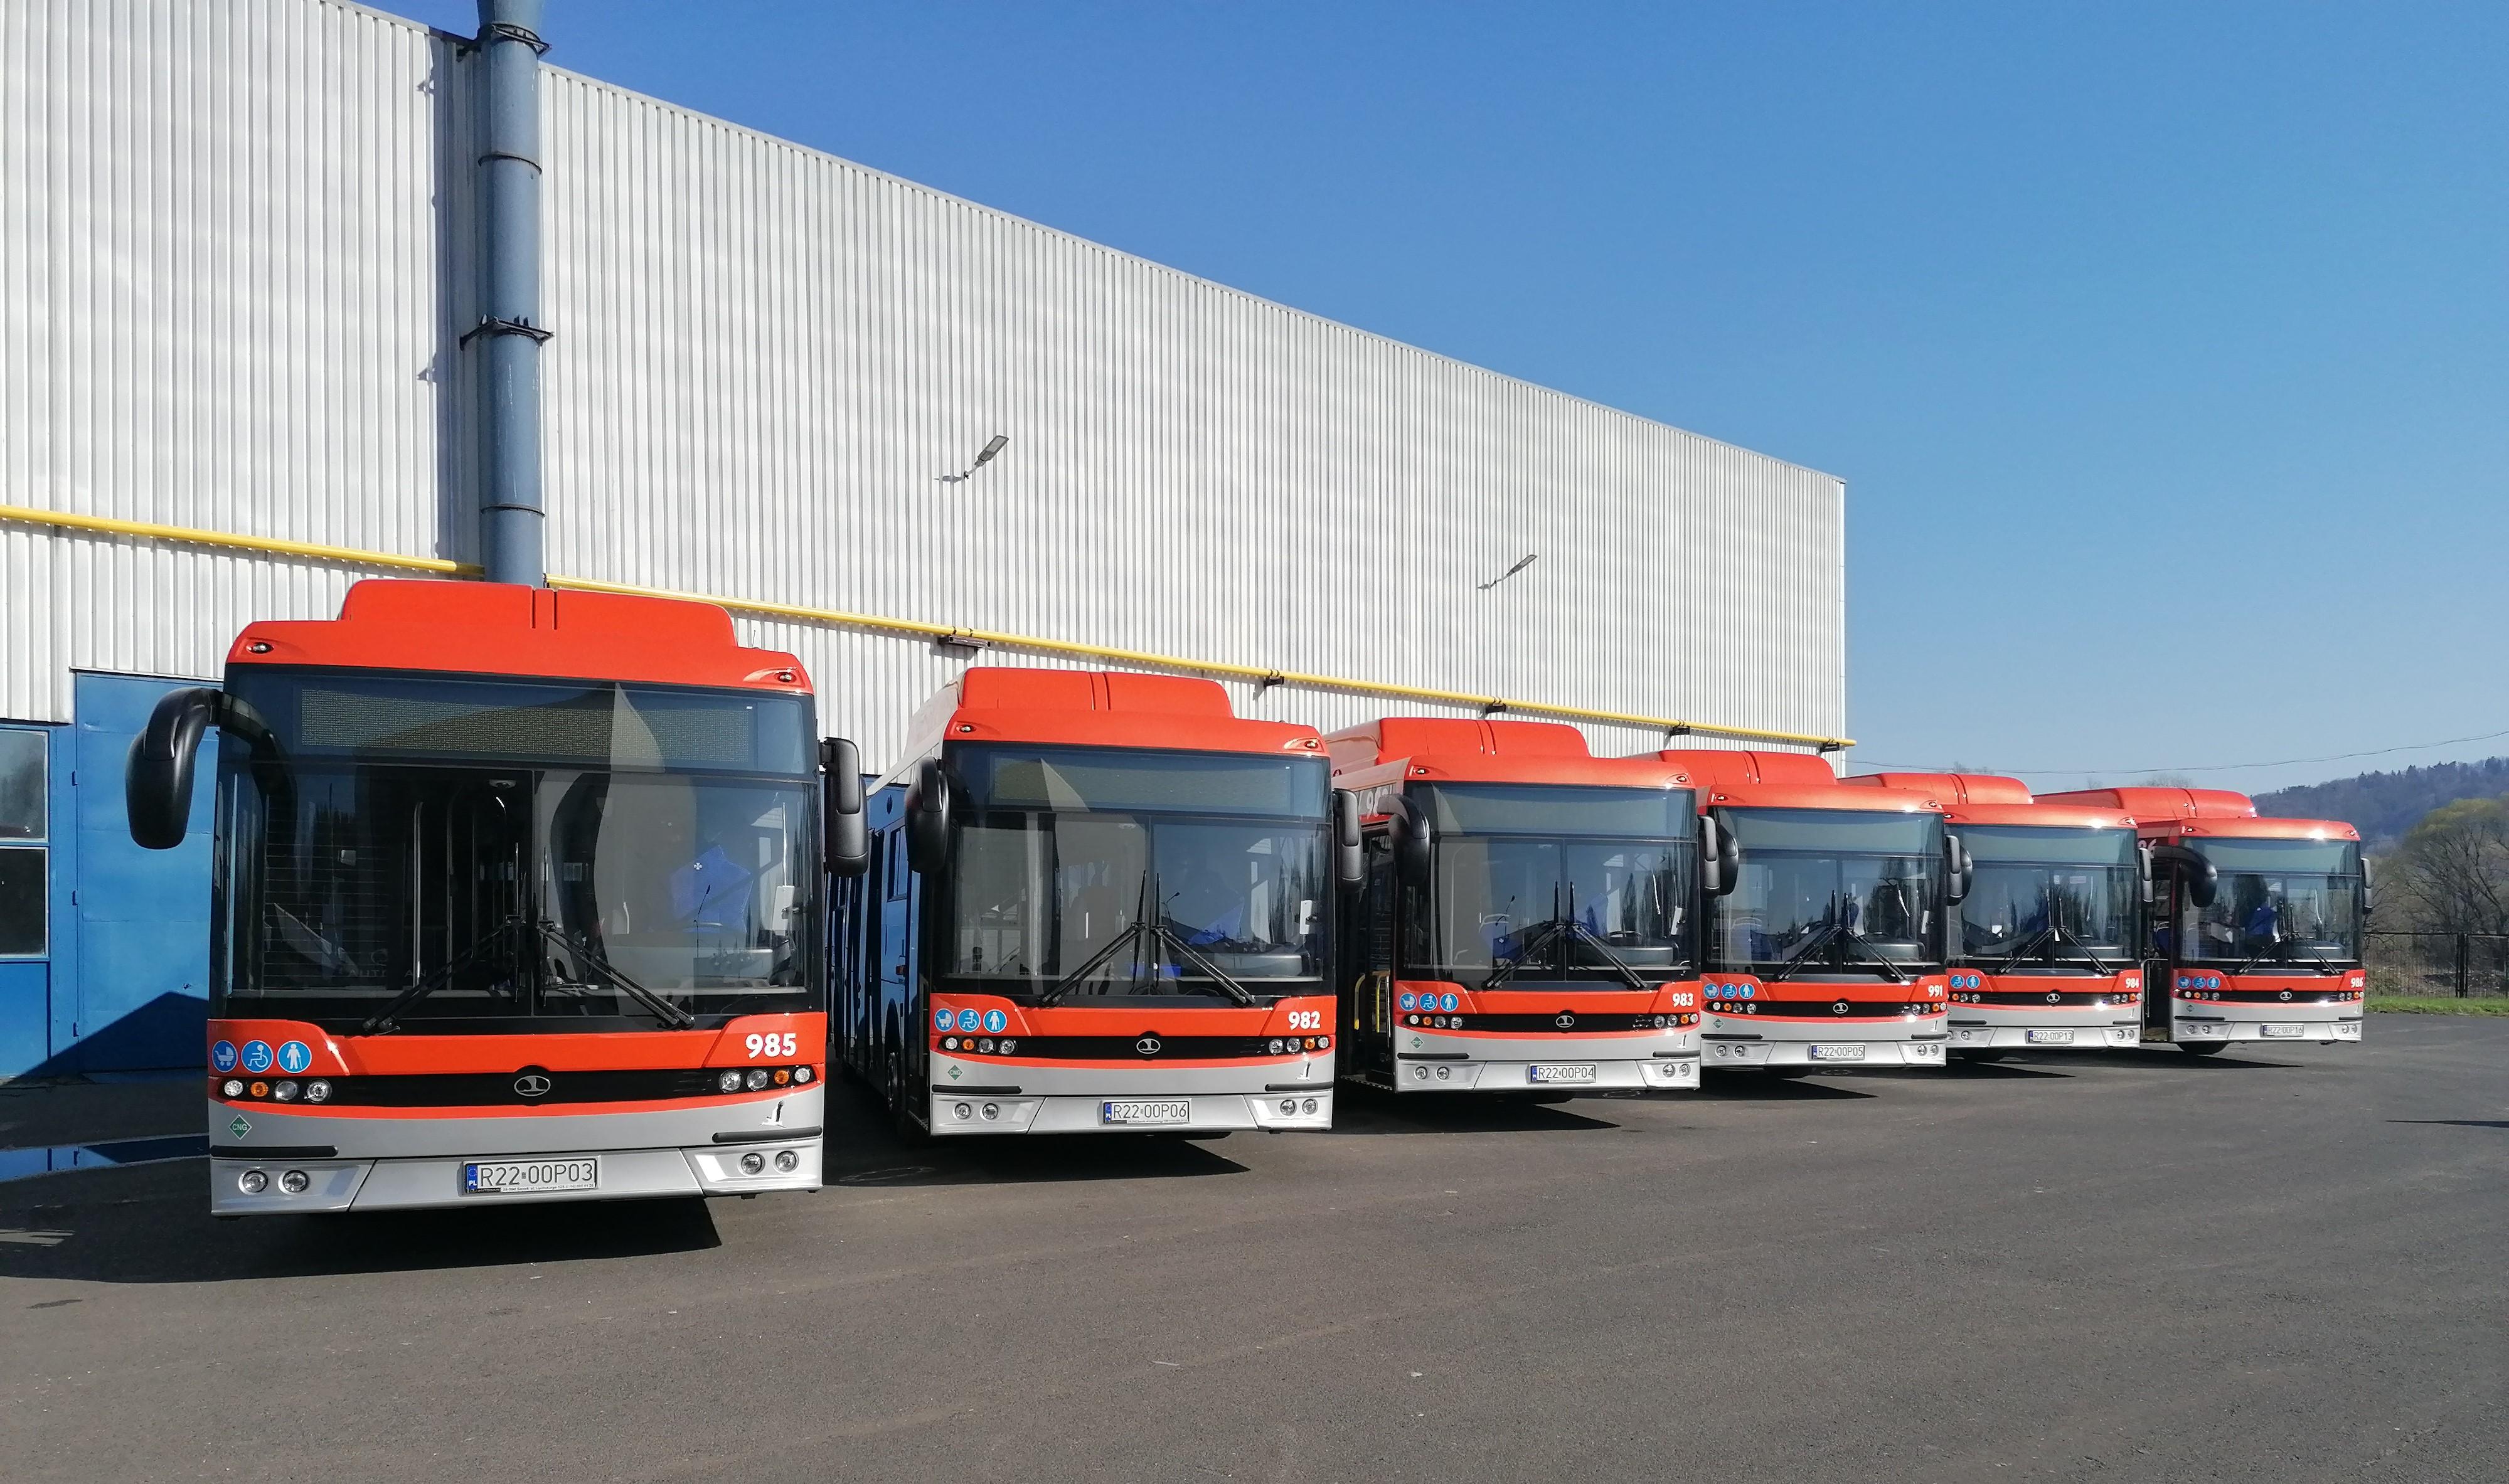 Wszystkie AUTOSANY dotarły do stolicy Podkarpacia! [ZDJĘCIA+WIDEO] - Zdjęcie główne